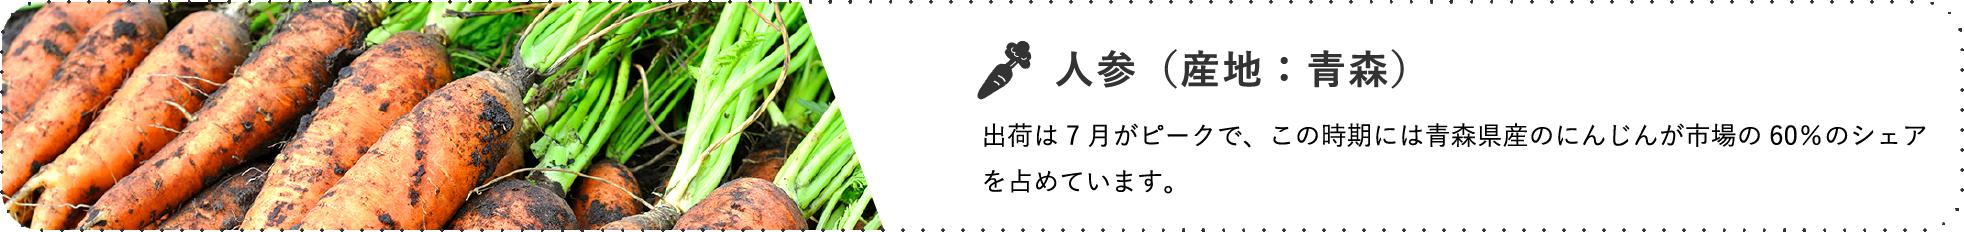 人参(産地:青森) / 出荷は7月がピークで、この時期には青森県産のにんじんが市場の60%のシェアを占めています。